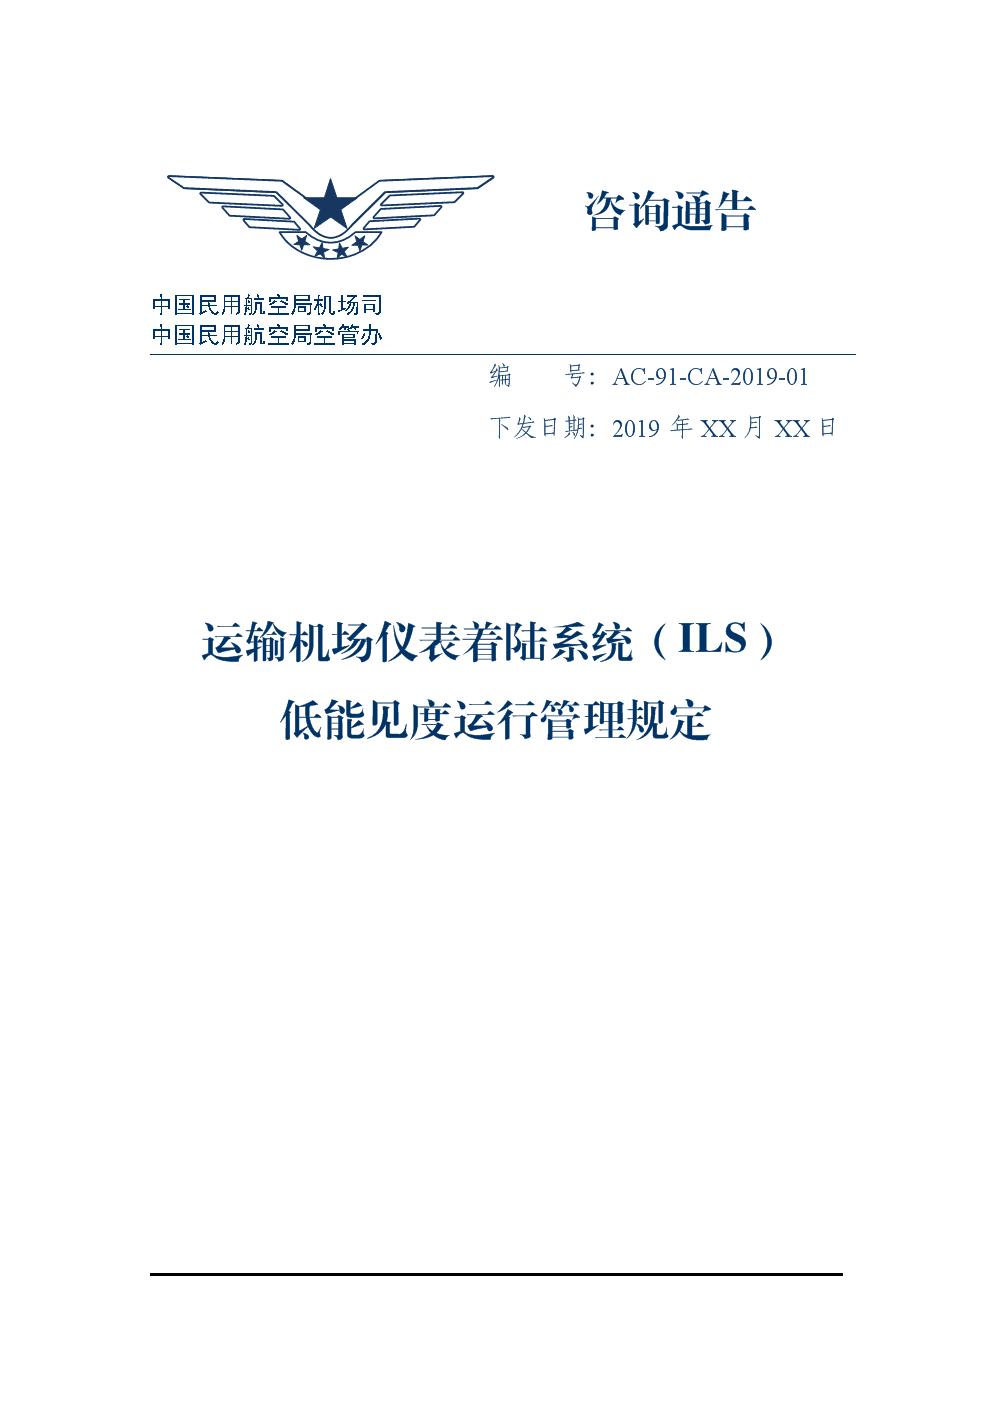 运输机场仪表着陆系统(ILS)低能见度运行管理规定(征求意见稿).doc